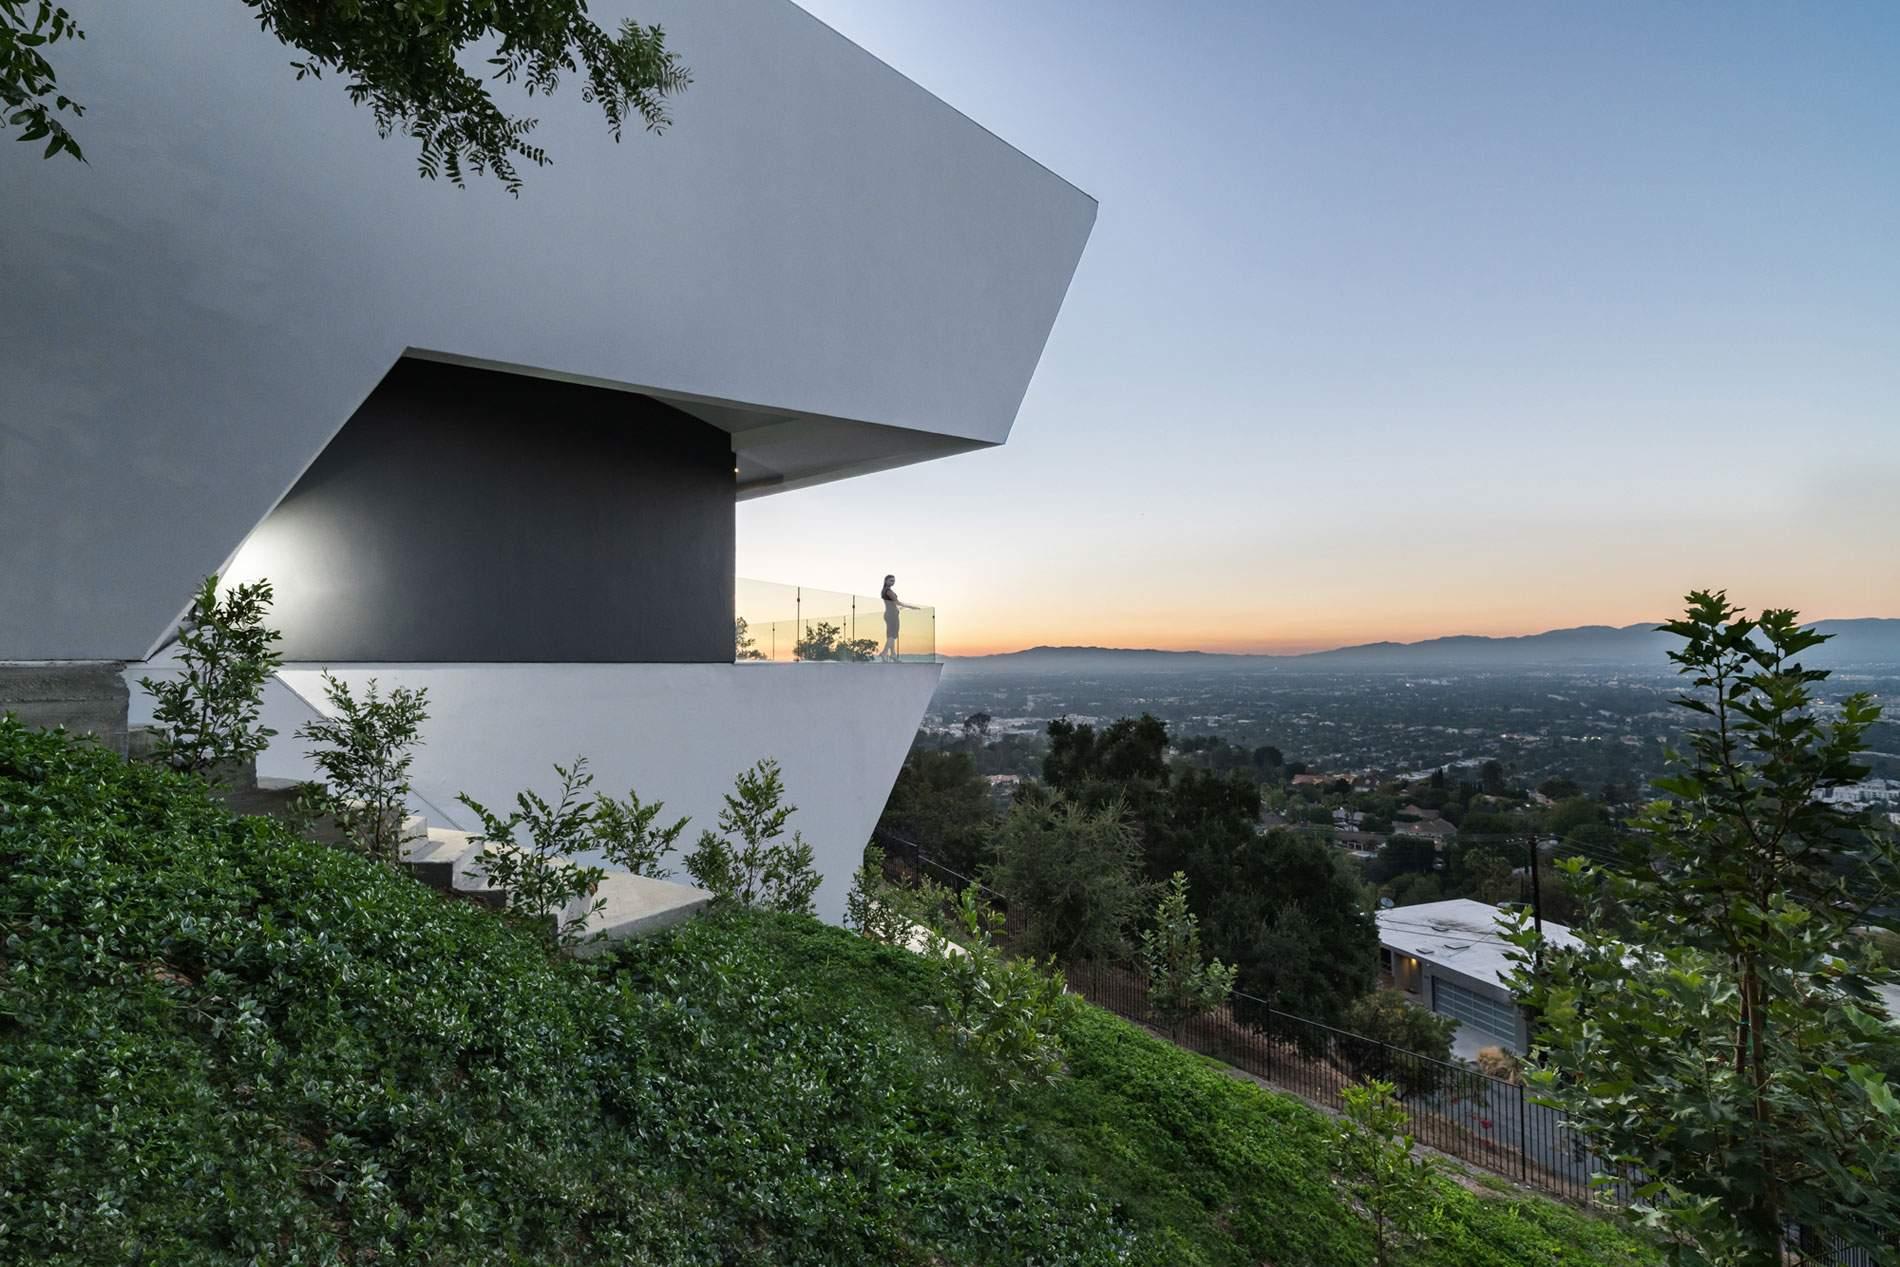 Престижная вилла в богатом районе Лос-Анджелеса